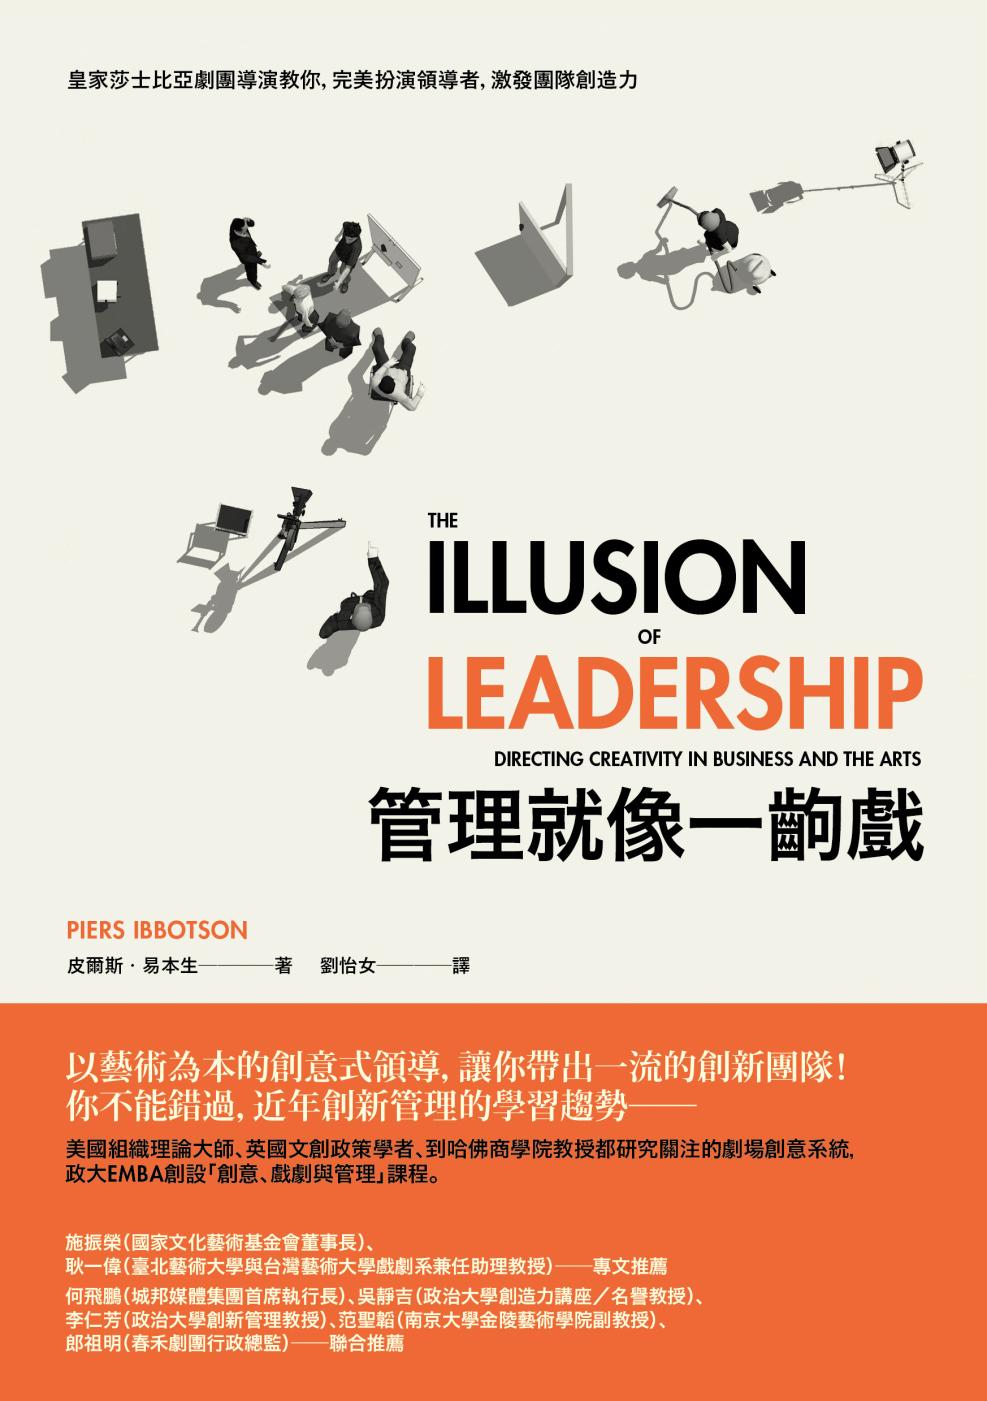 管理就像一齣戲:皇家莎士比亞劇團導演教你,完美扮演領導者,激發團隊創造力